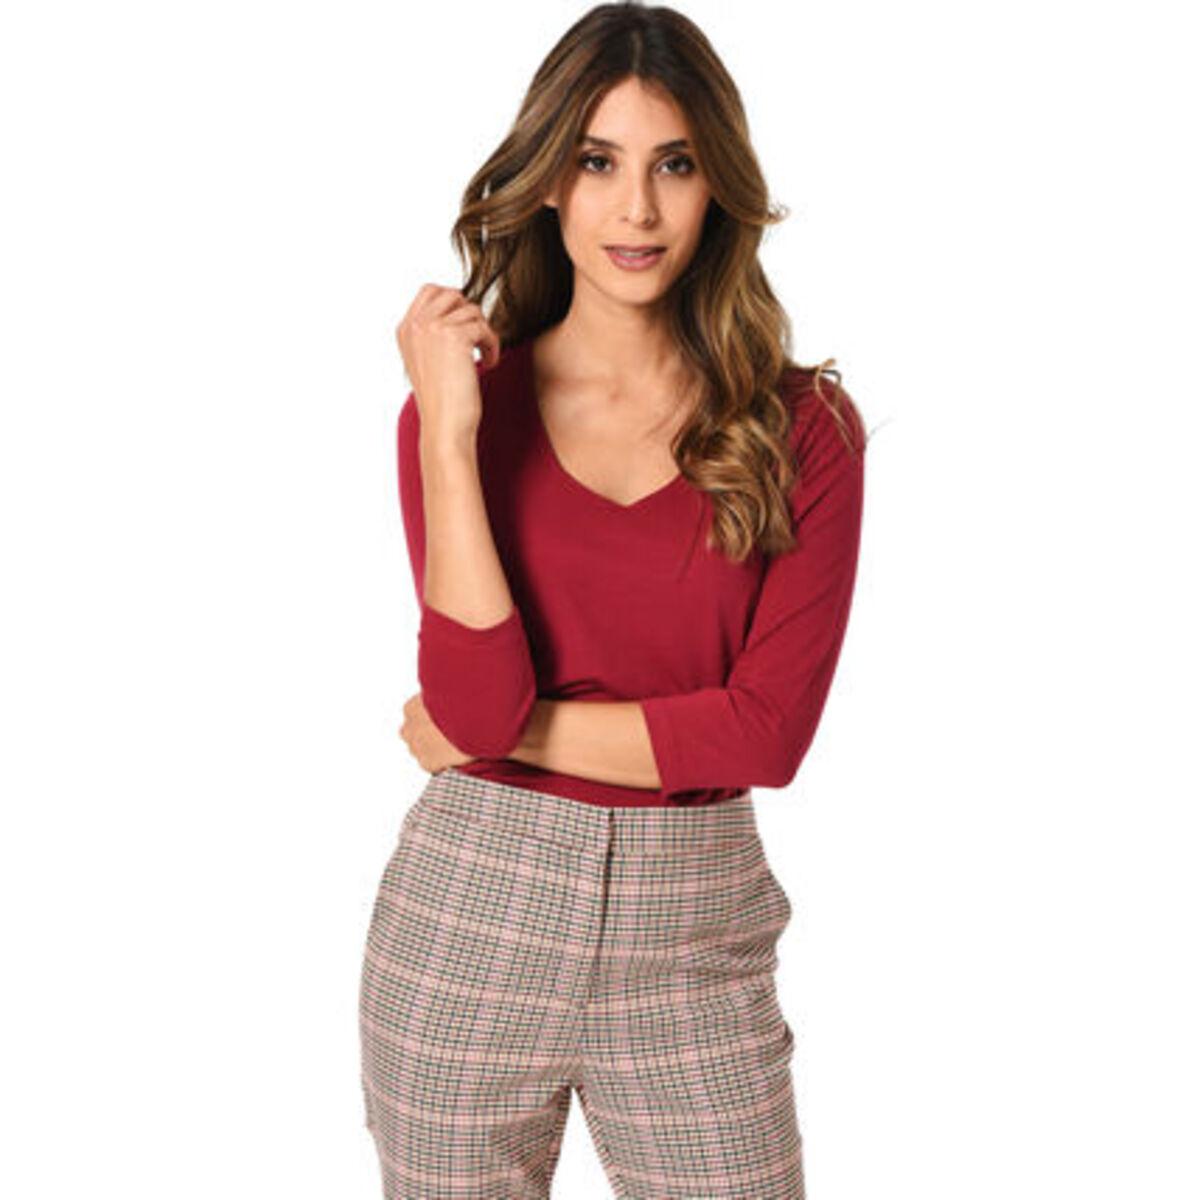 Bild 1 von MANGUUN Collection Shirt, Basic, U-Ausschnitt, 3/4 Arm, Baumwollstretch, für Damen